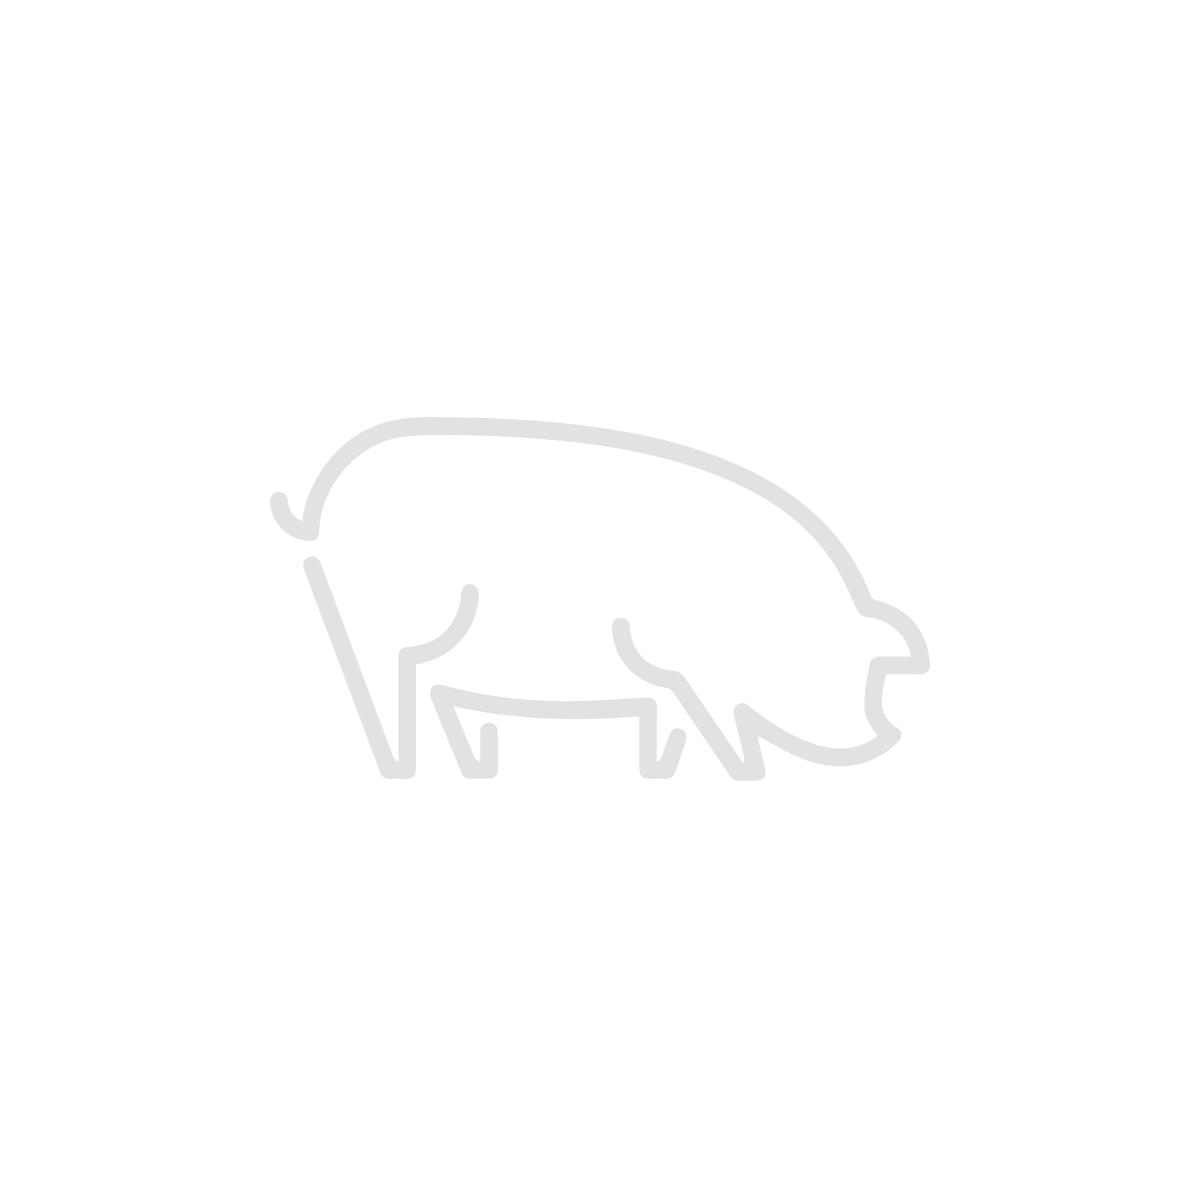 Đakovačke Delikatese Đakovačka Šunka od Crne slavonske svinje Placeholder